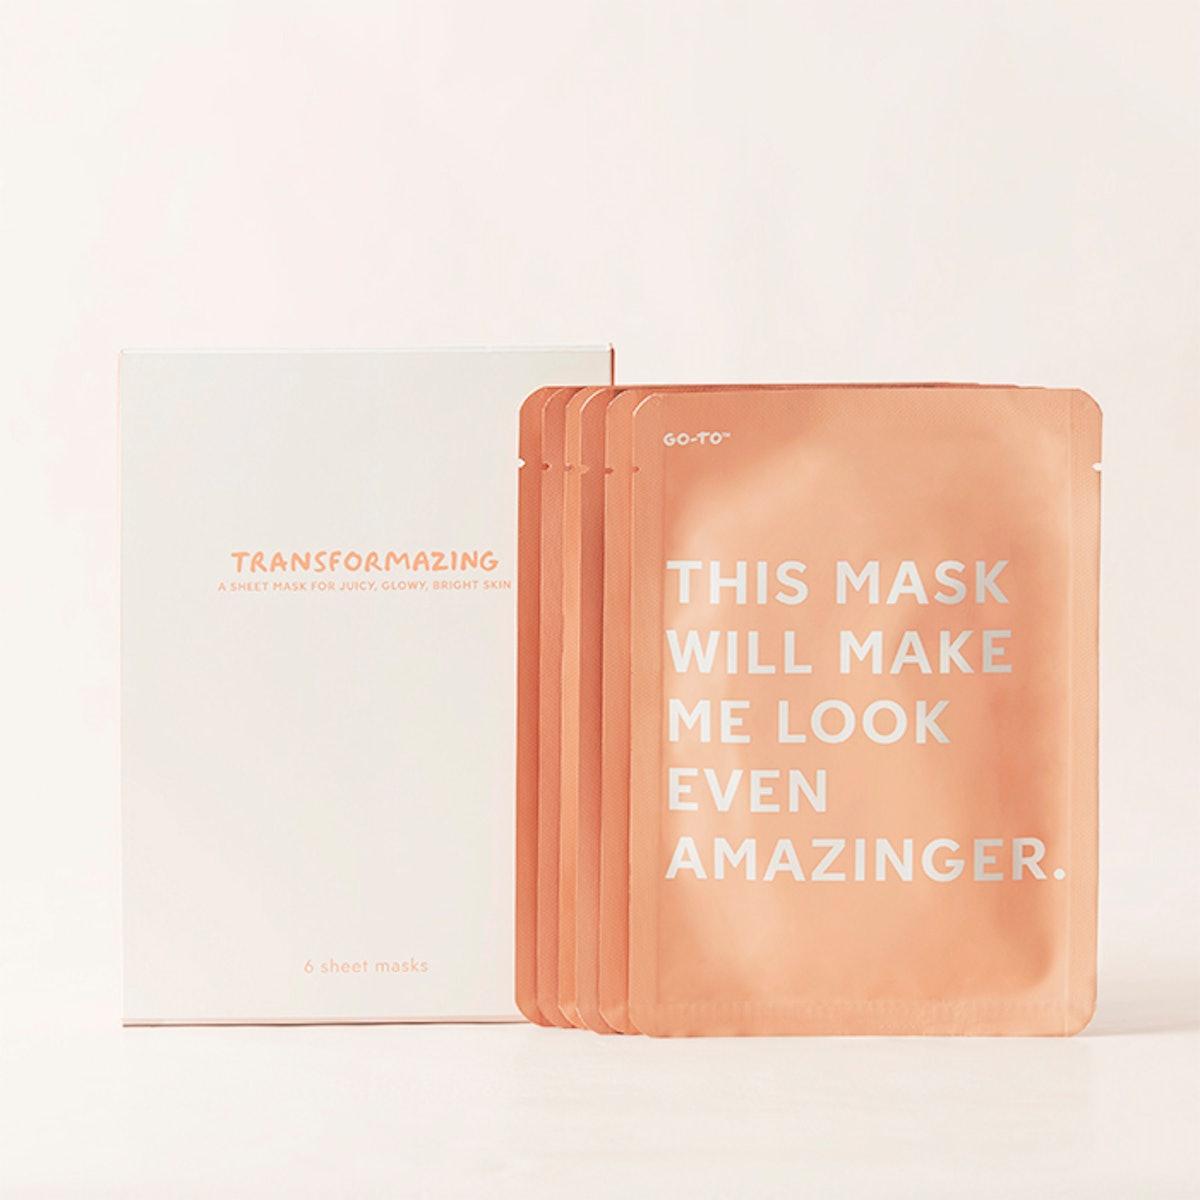 Box of Six Transformazing Sheet Masks